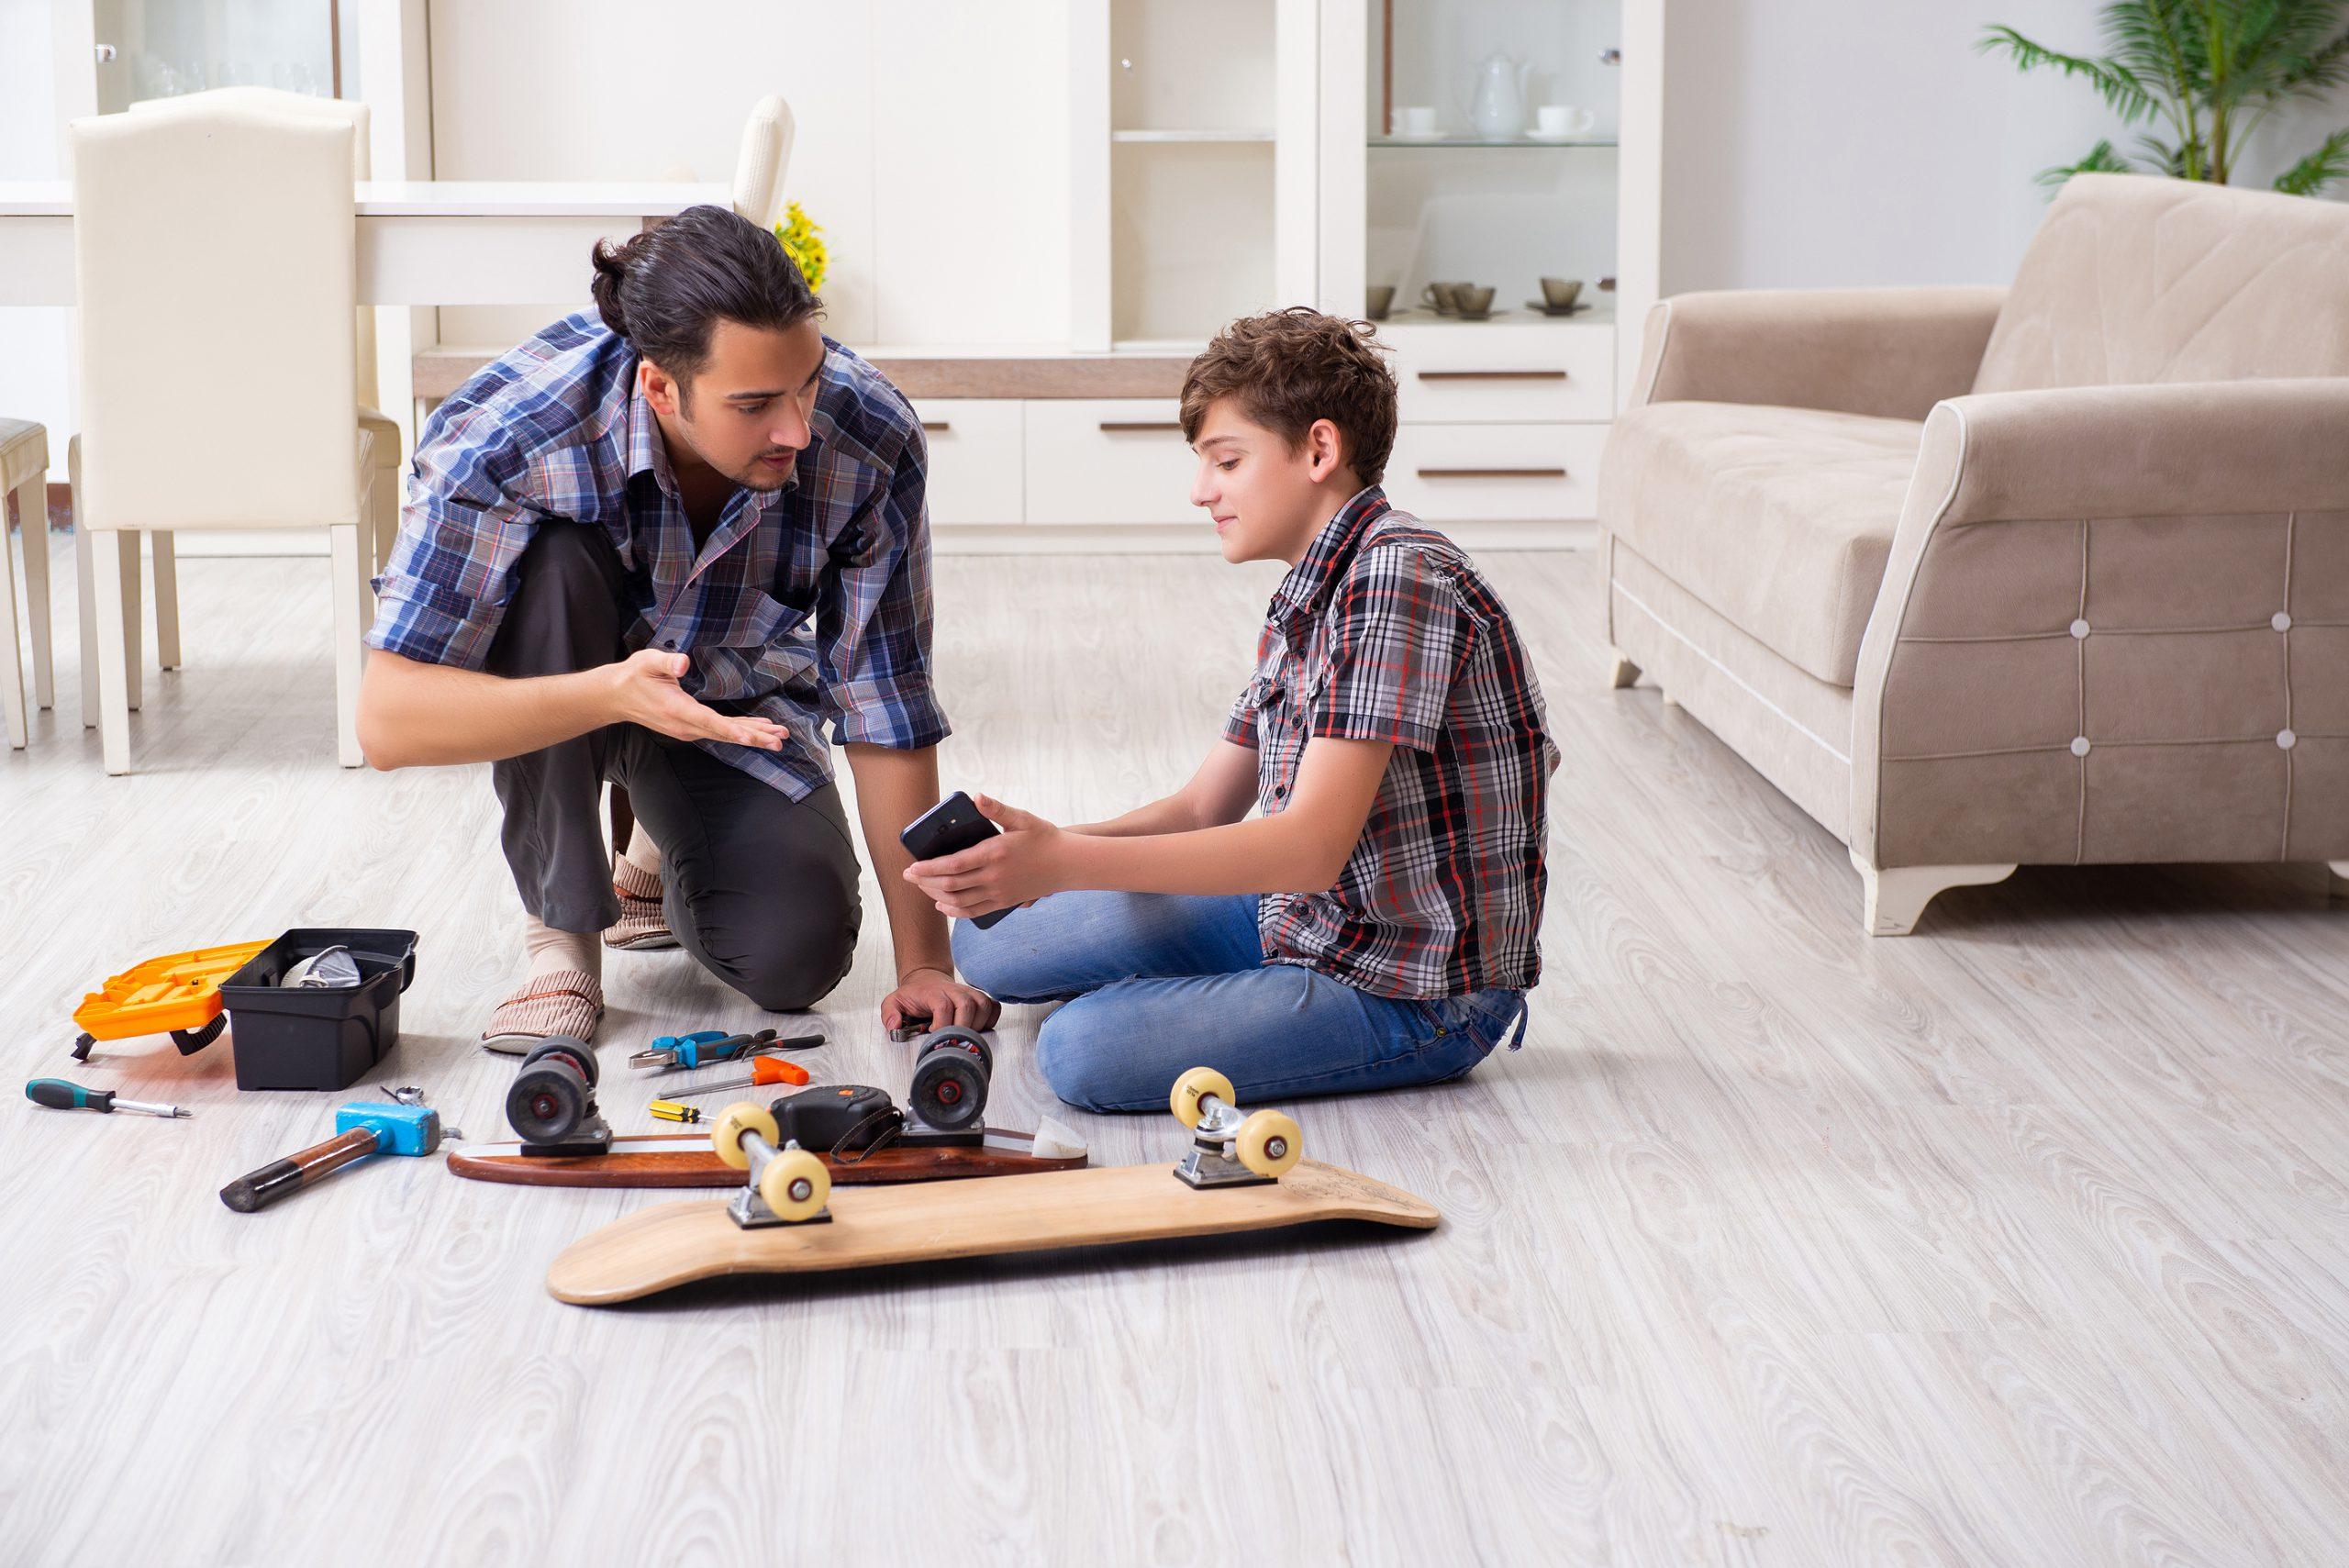 vader repareert skateboard met zoon